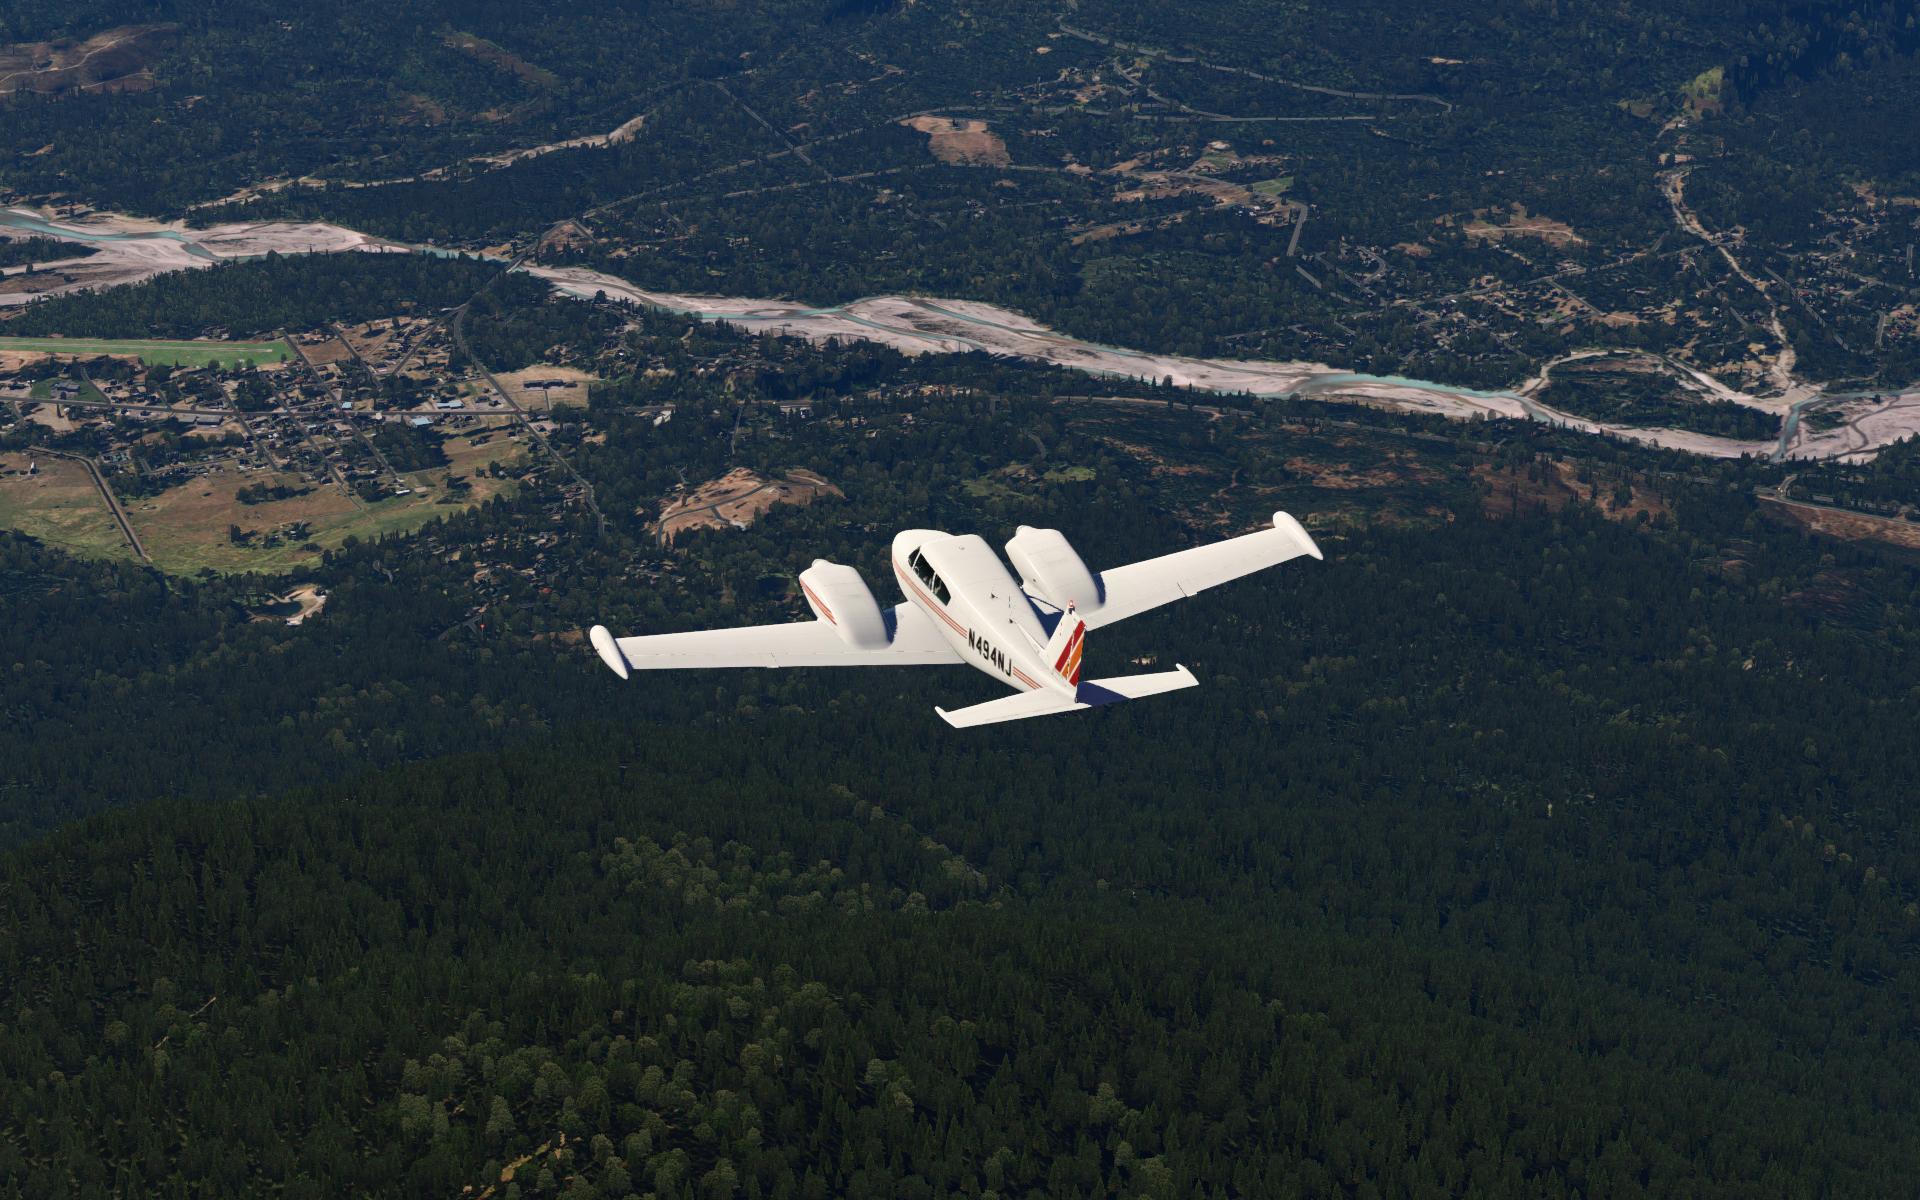 Twin-Comanche-2020-03-10-23-09-07.jpg